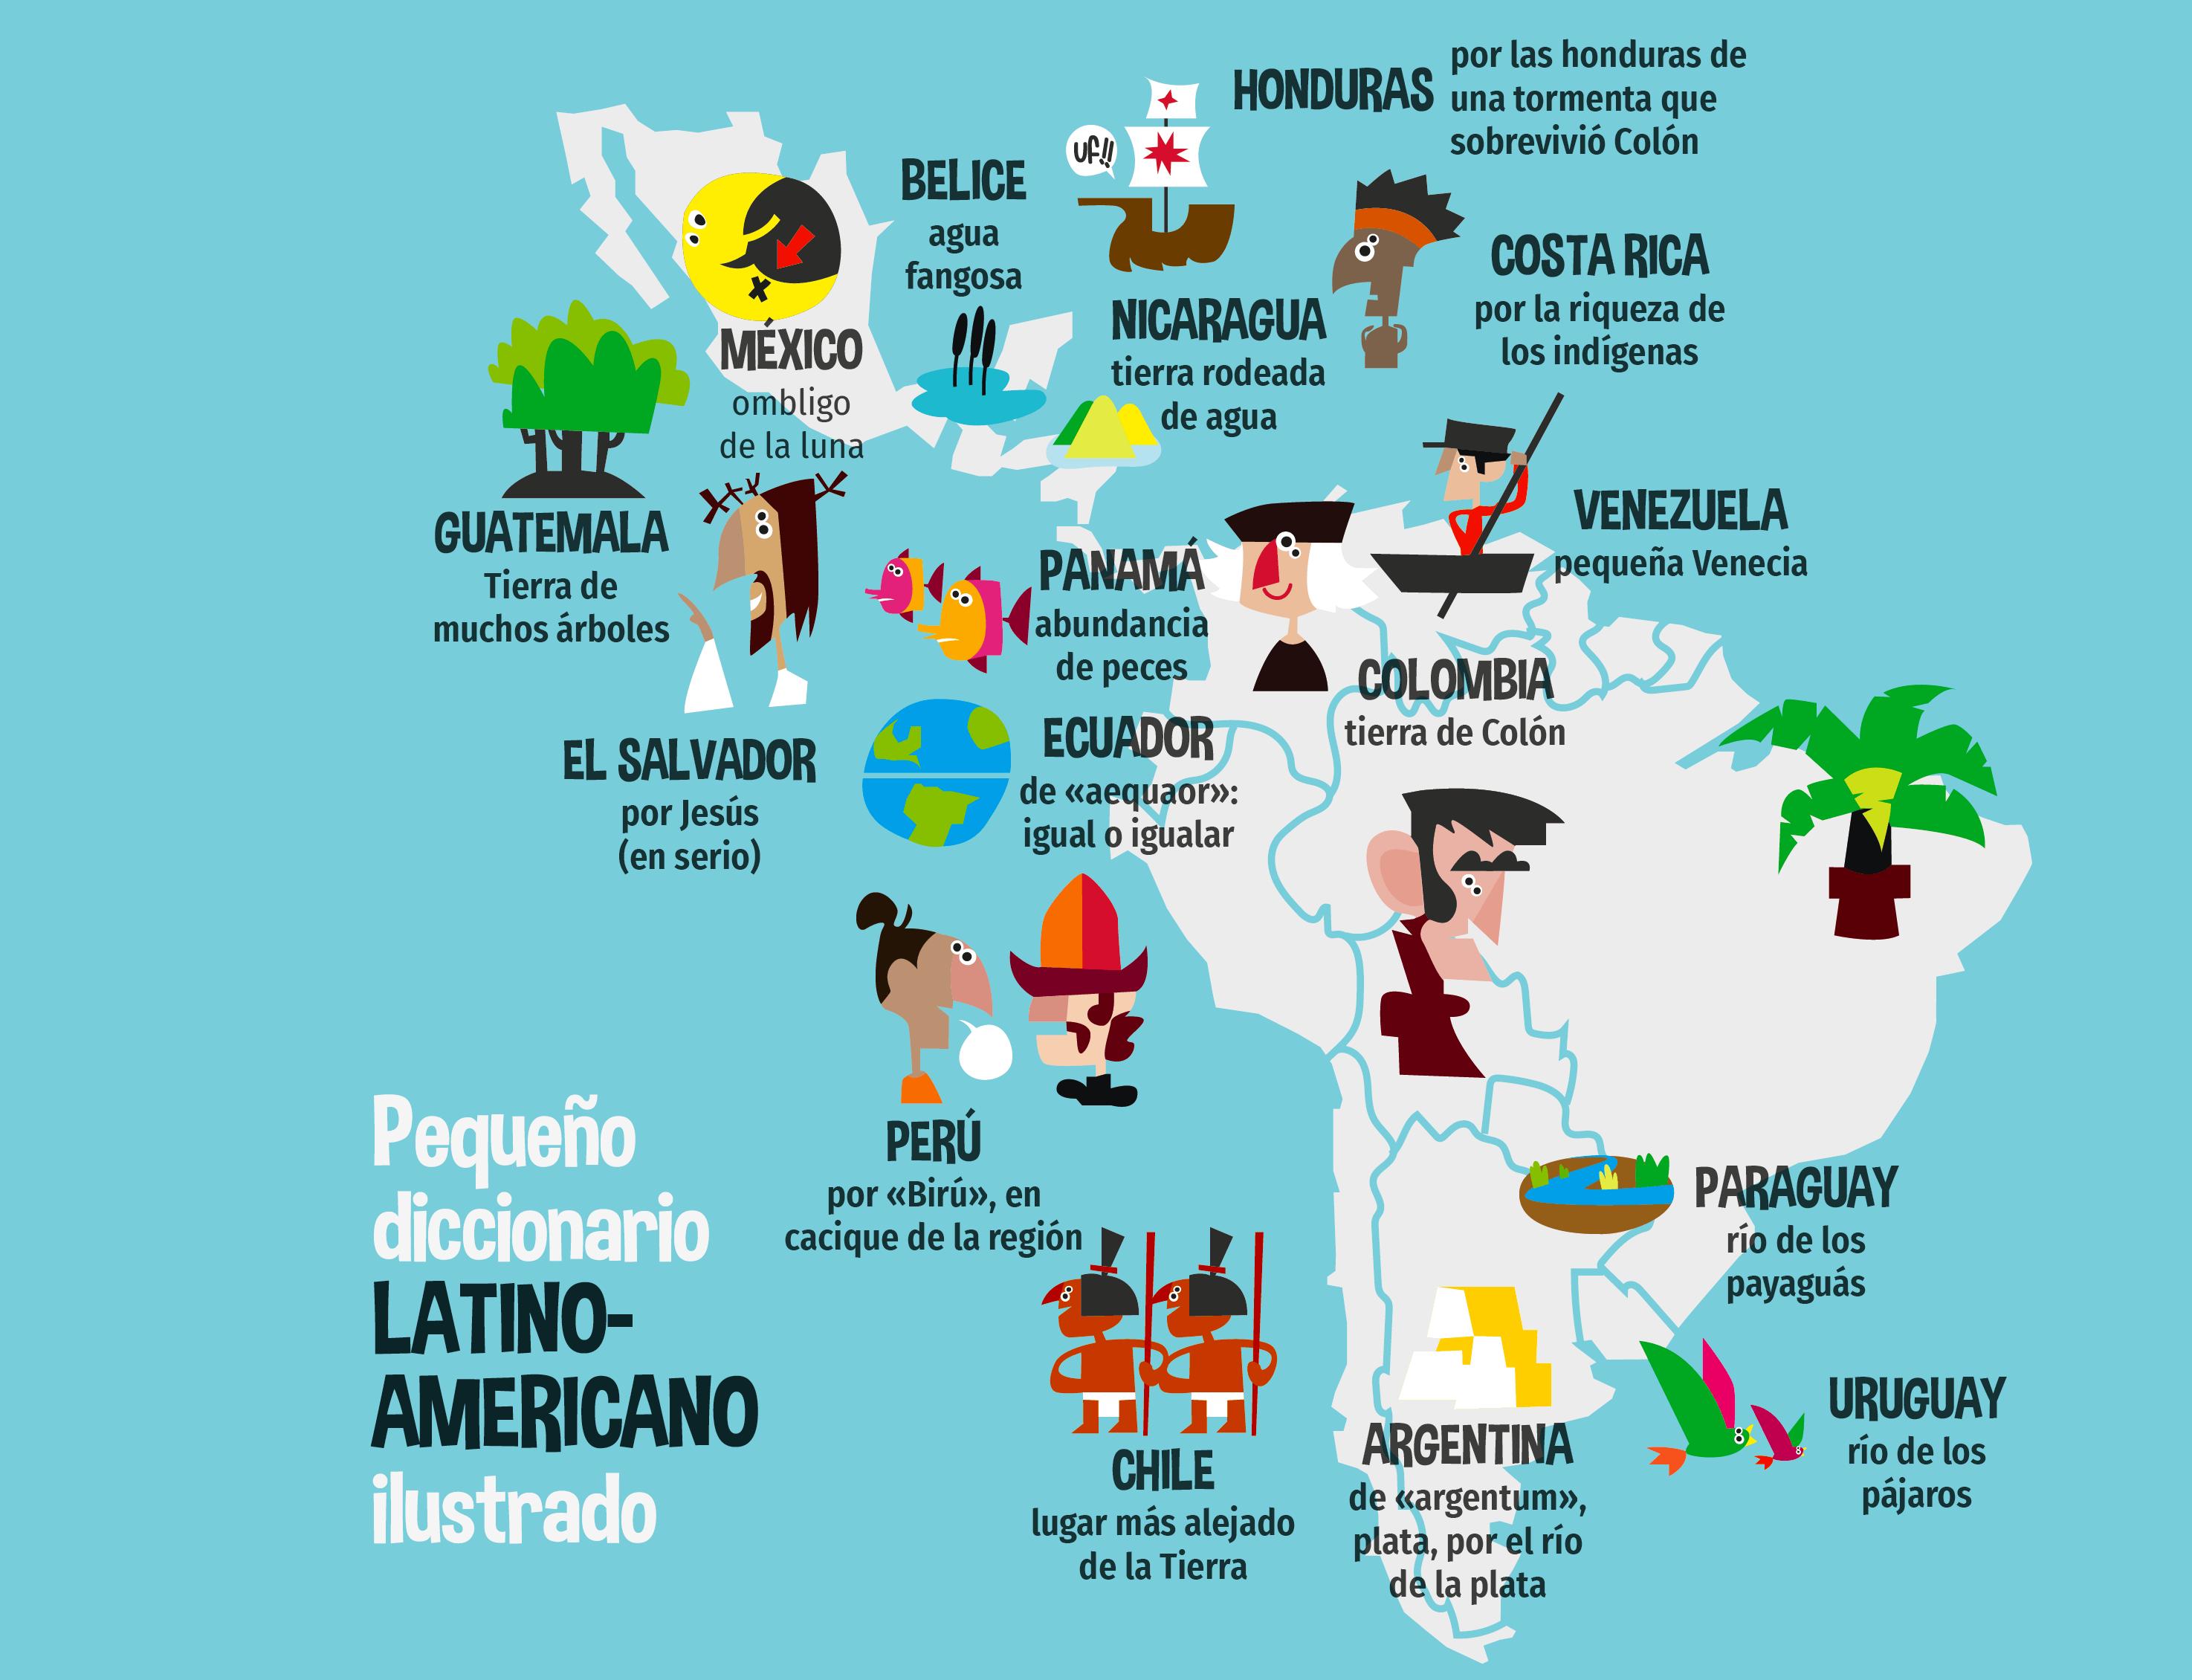 Pequeño diccionario latinoamericano ilustrado